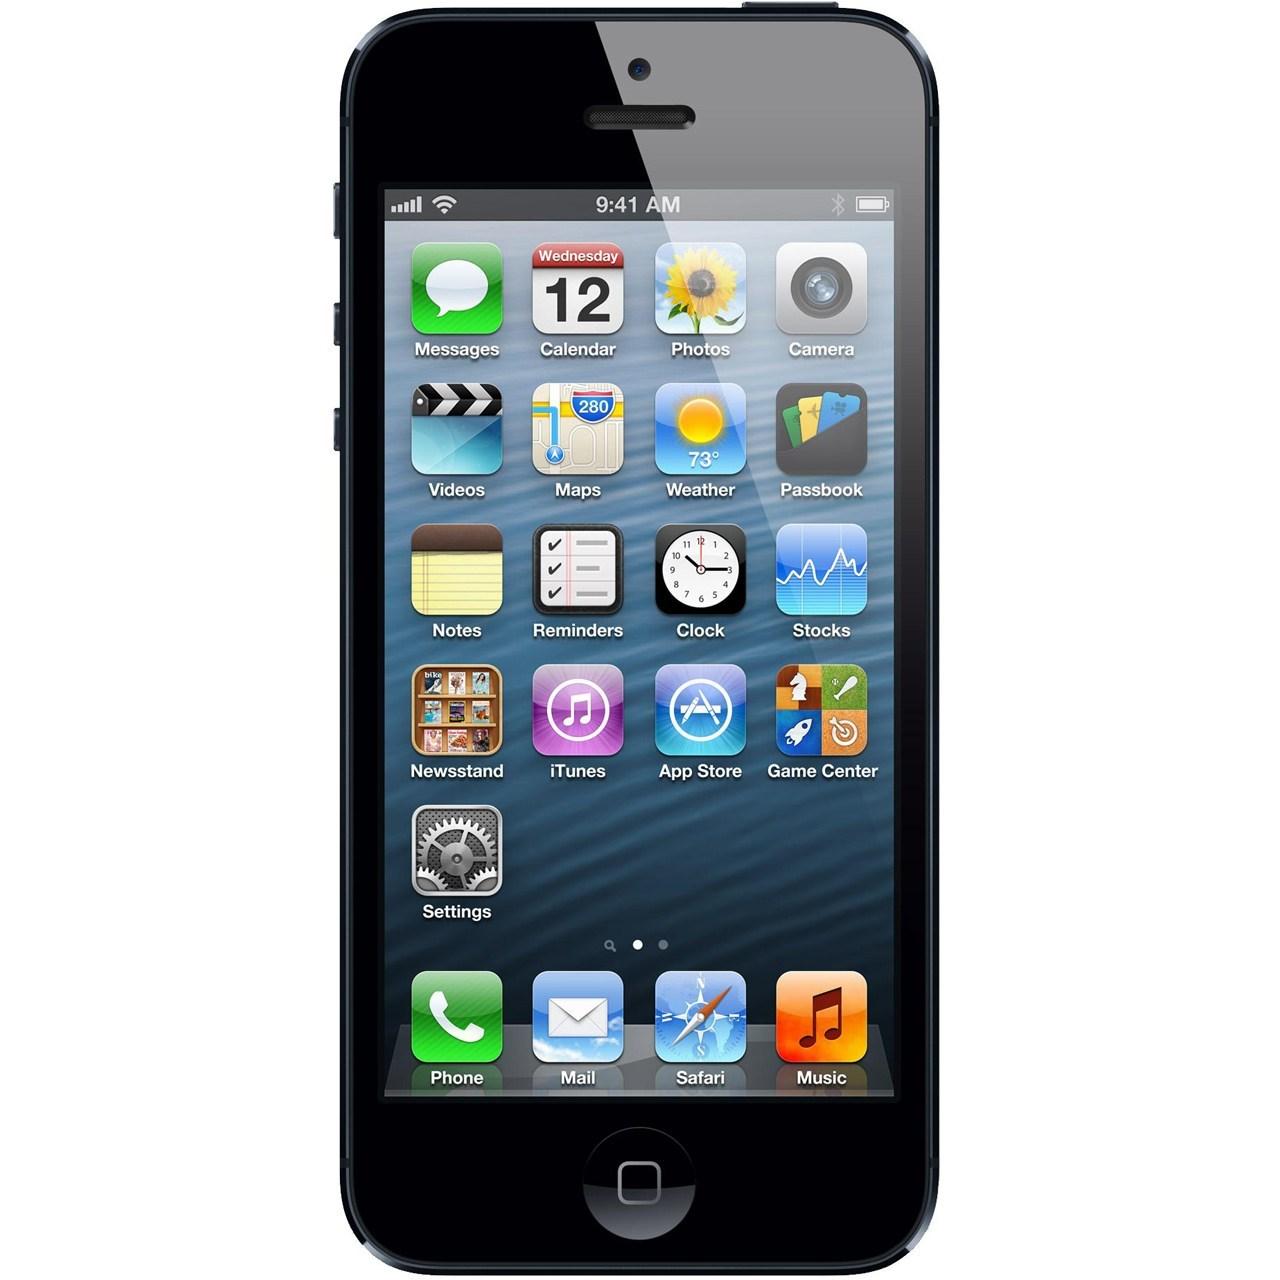 گوشی موبایل اپل آیفون 5 - 32 گیگابایت